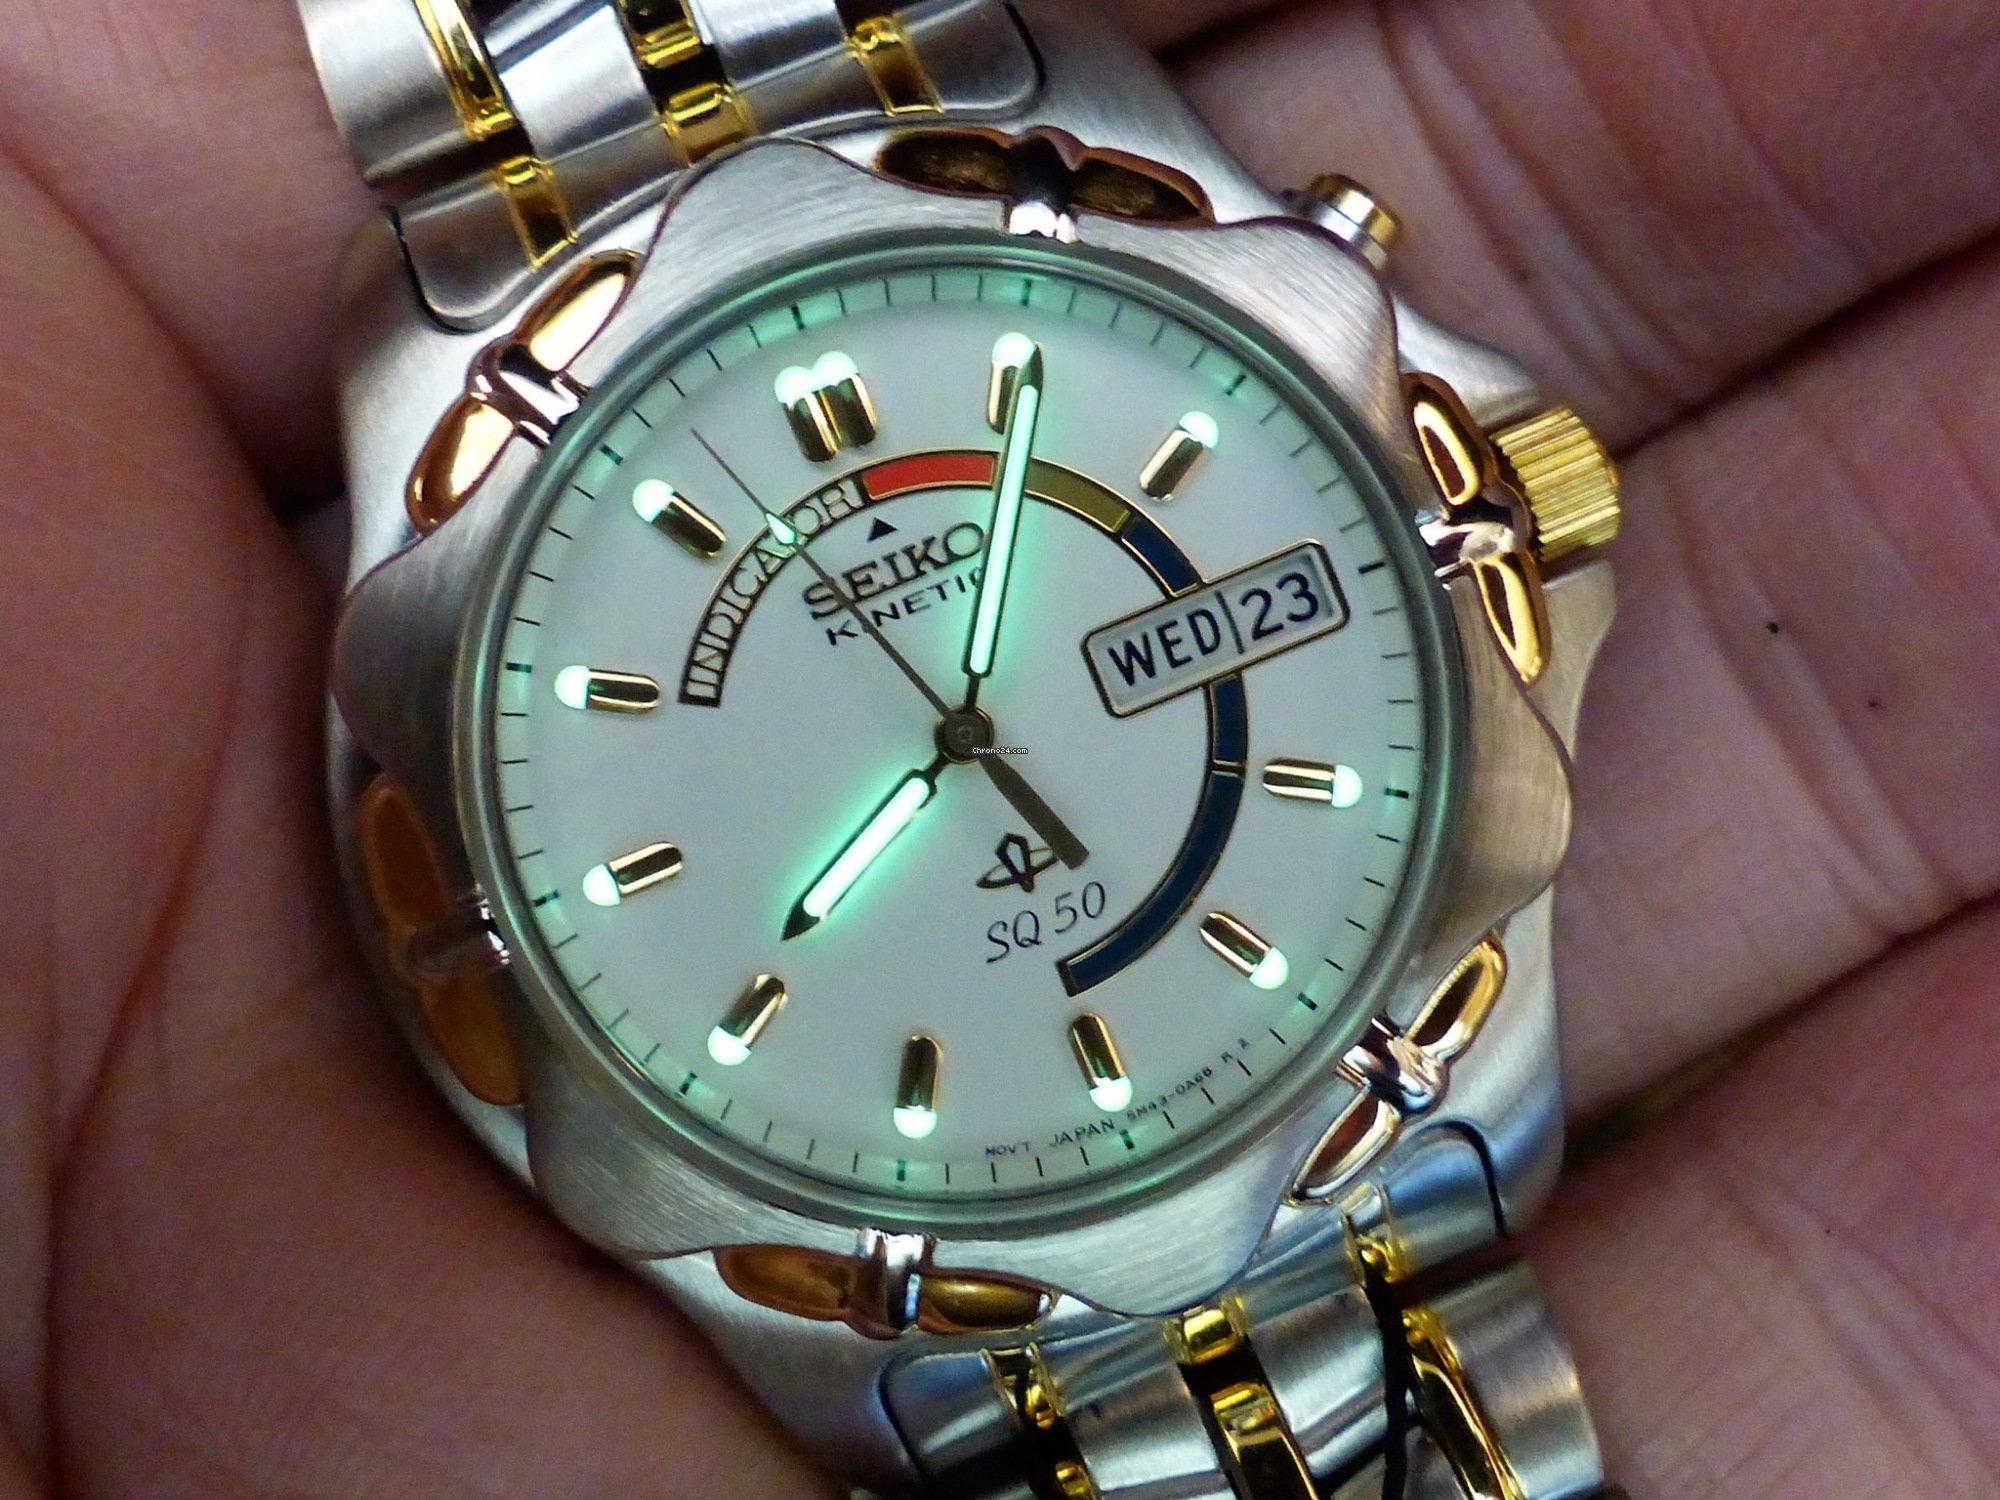 Seiko Kinetic SQ 50 5M43-0A50 Ref: SKJ022P1 Rare for $338